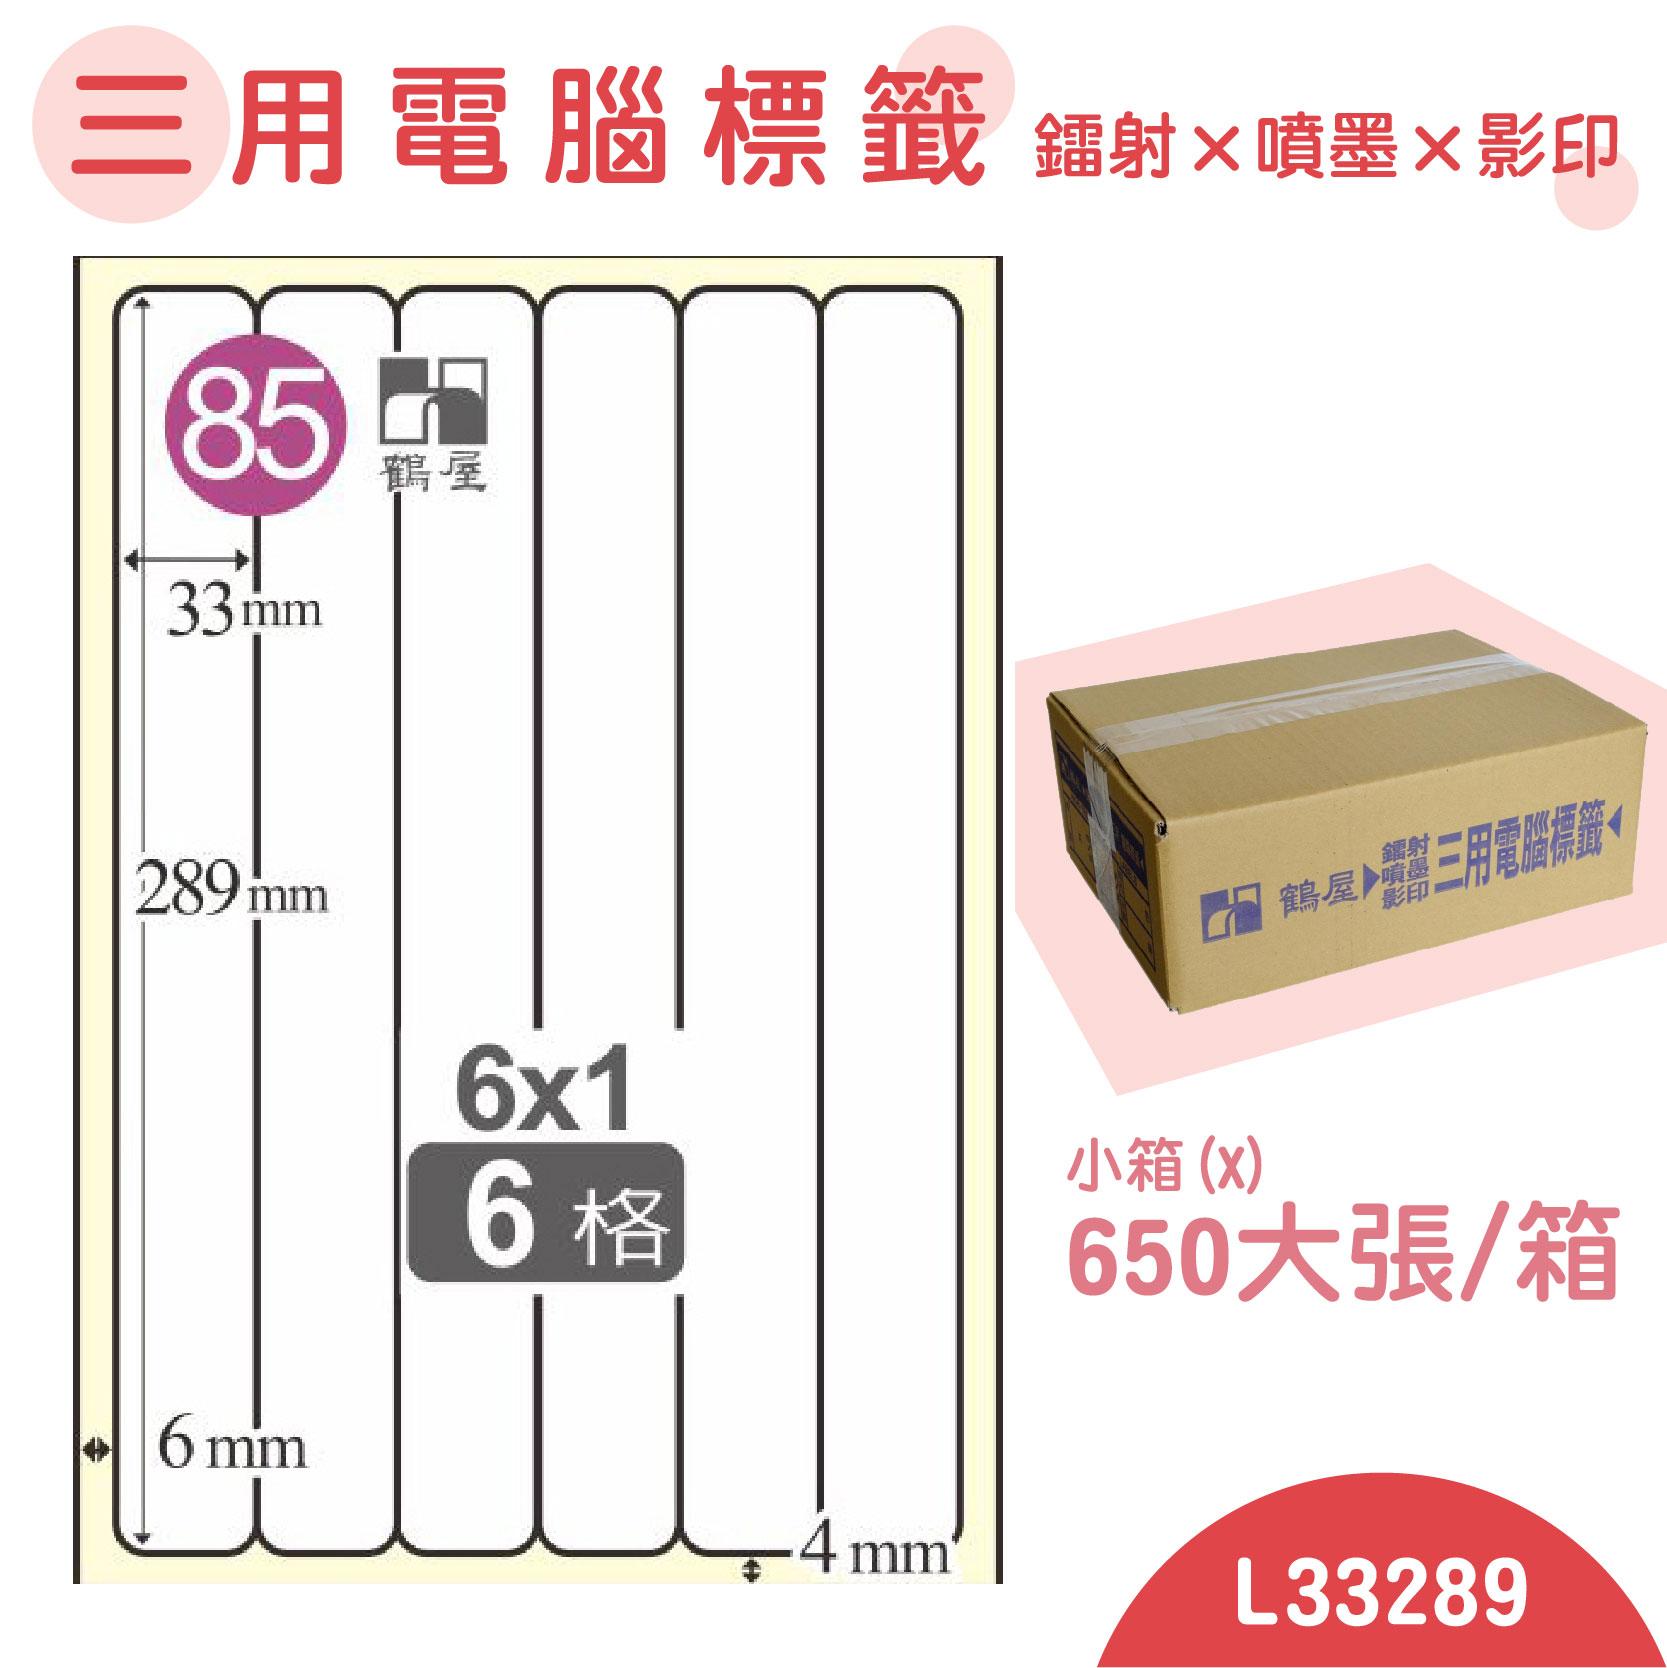 電腦標籤紙(鶴屋) 白色 L33289 6格 650大張/小箱 影印 雷射 噴墨 三用 標籤 貼紙 信封 光碟 名條